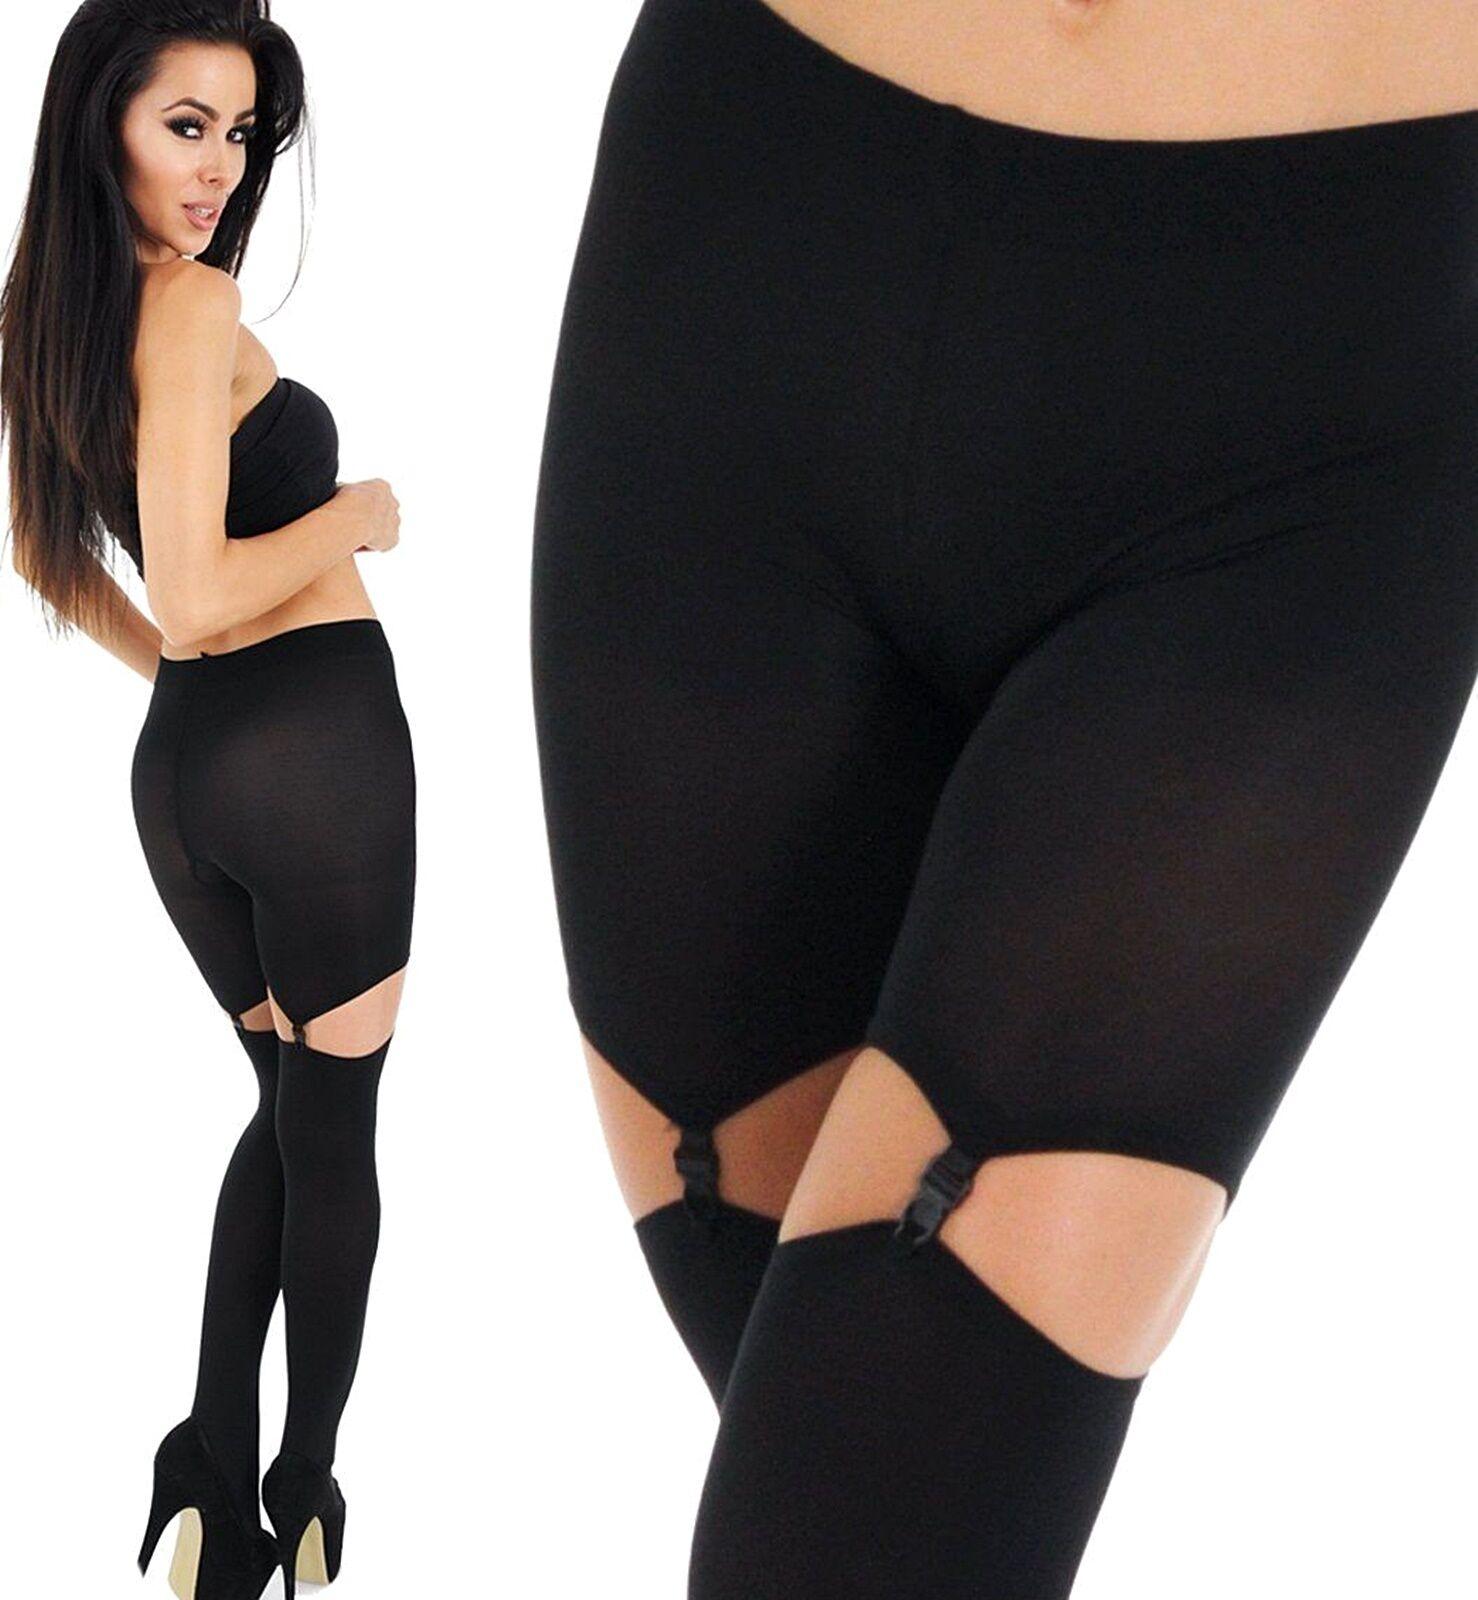 SEXY Straps-Set Strümpfe schwarz Strapse mit Strapshöschen Strapshalter 80 den